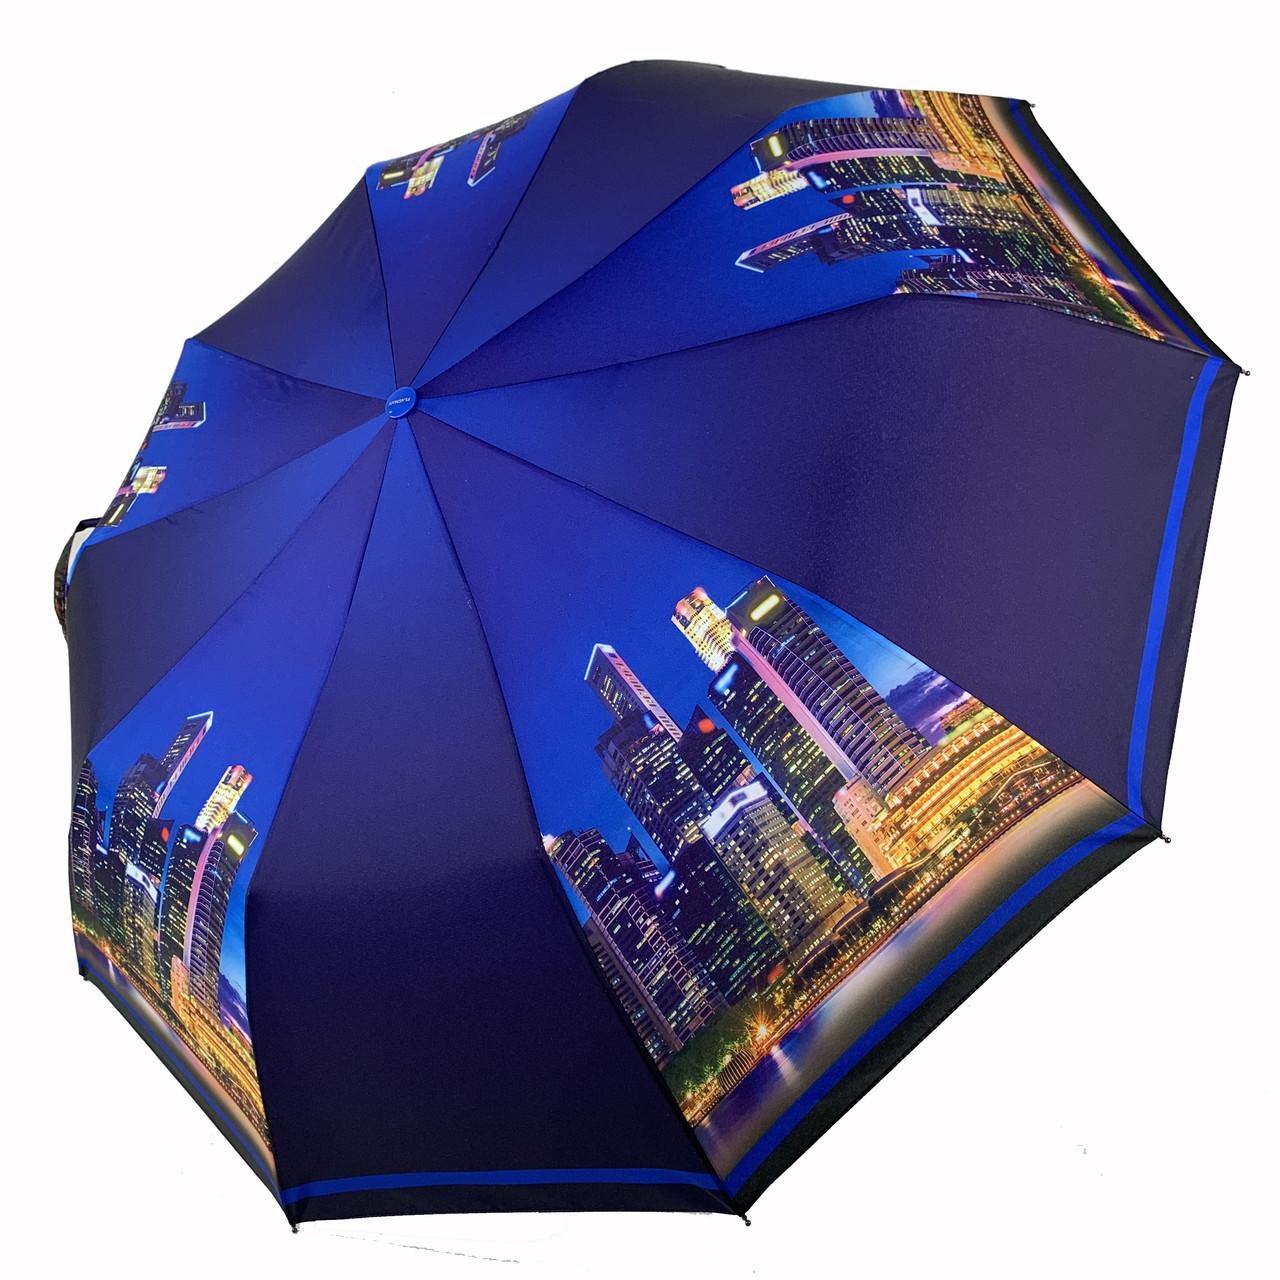 Женский складной автоматический зонтик c принтом ночного города от Flagman, синий, 510-6